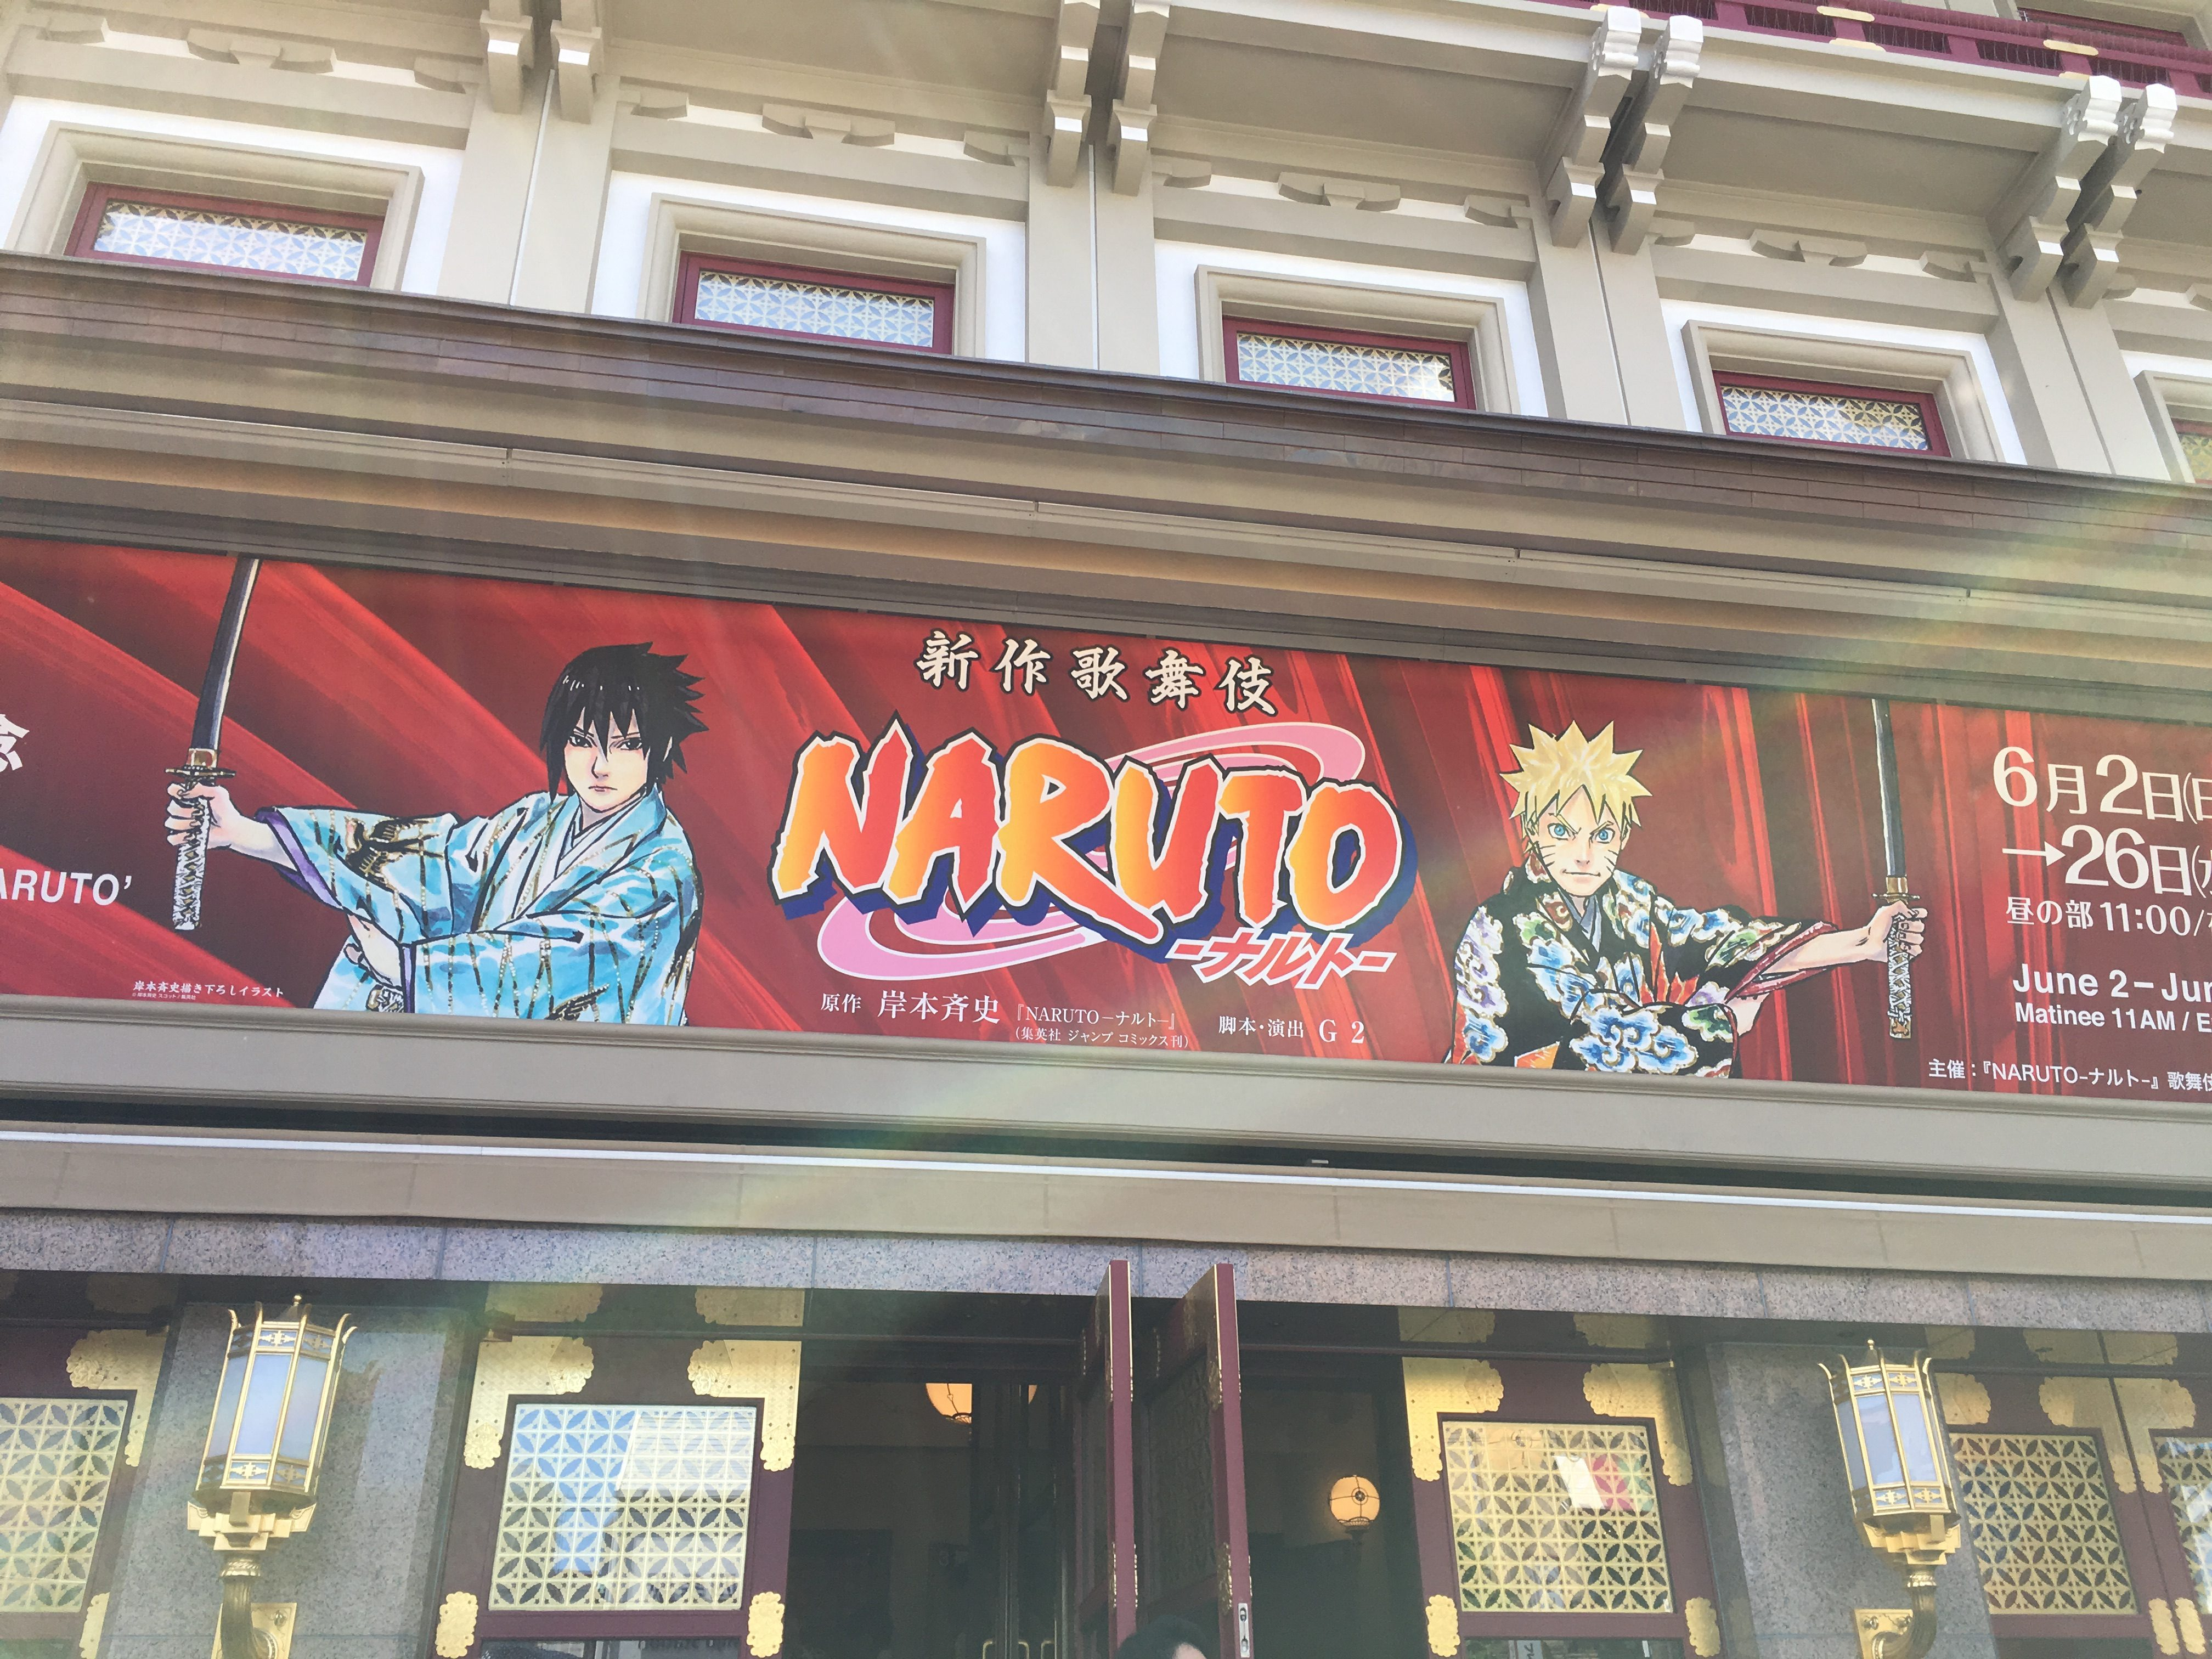 【バスツアー】京都南座新作歌舞伎「NARUTO-ナルト-」観劇ツアー